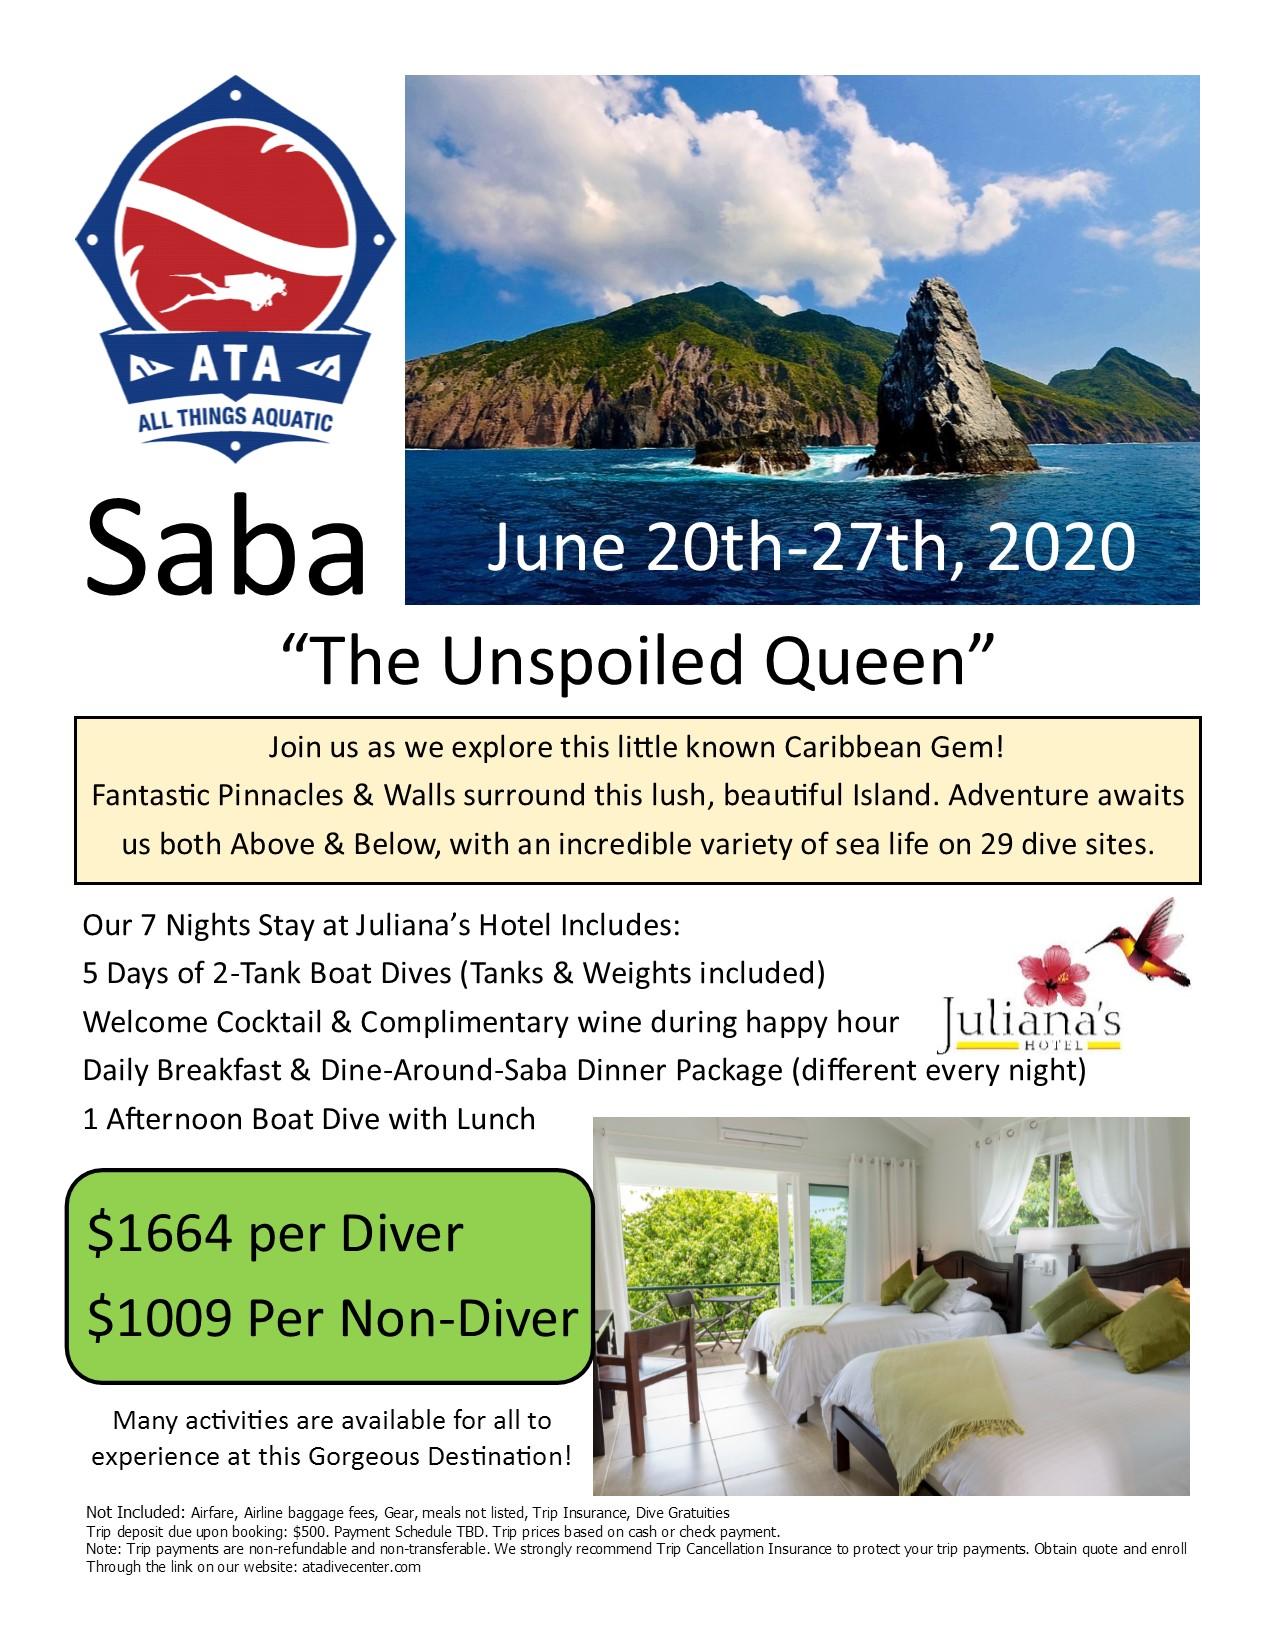 Saba - Juliana's Hotel June 20th-27th, 2020